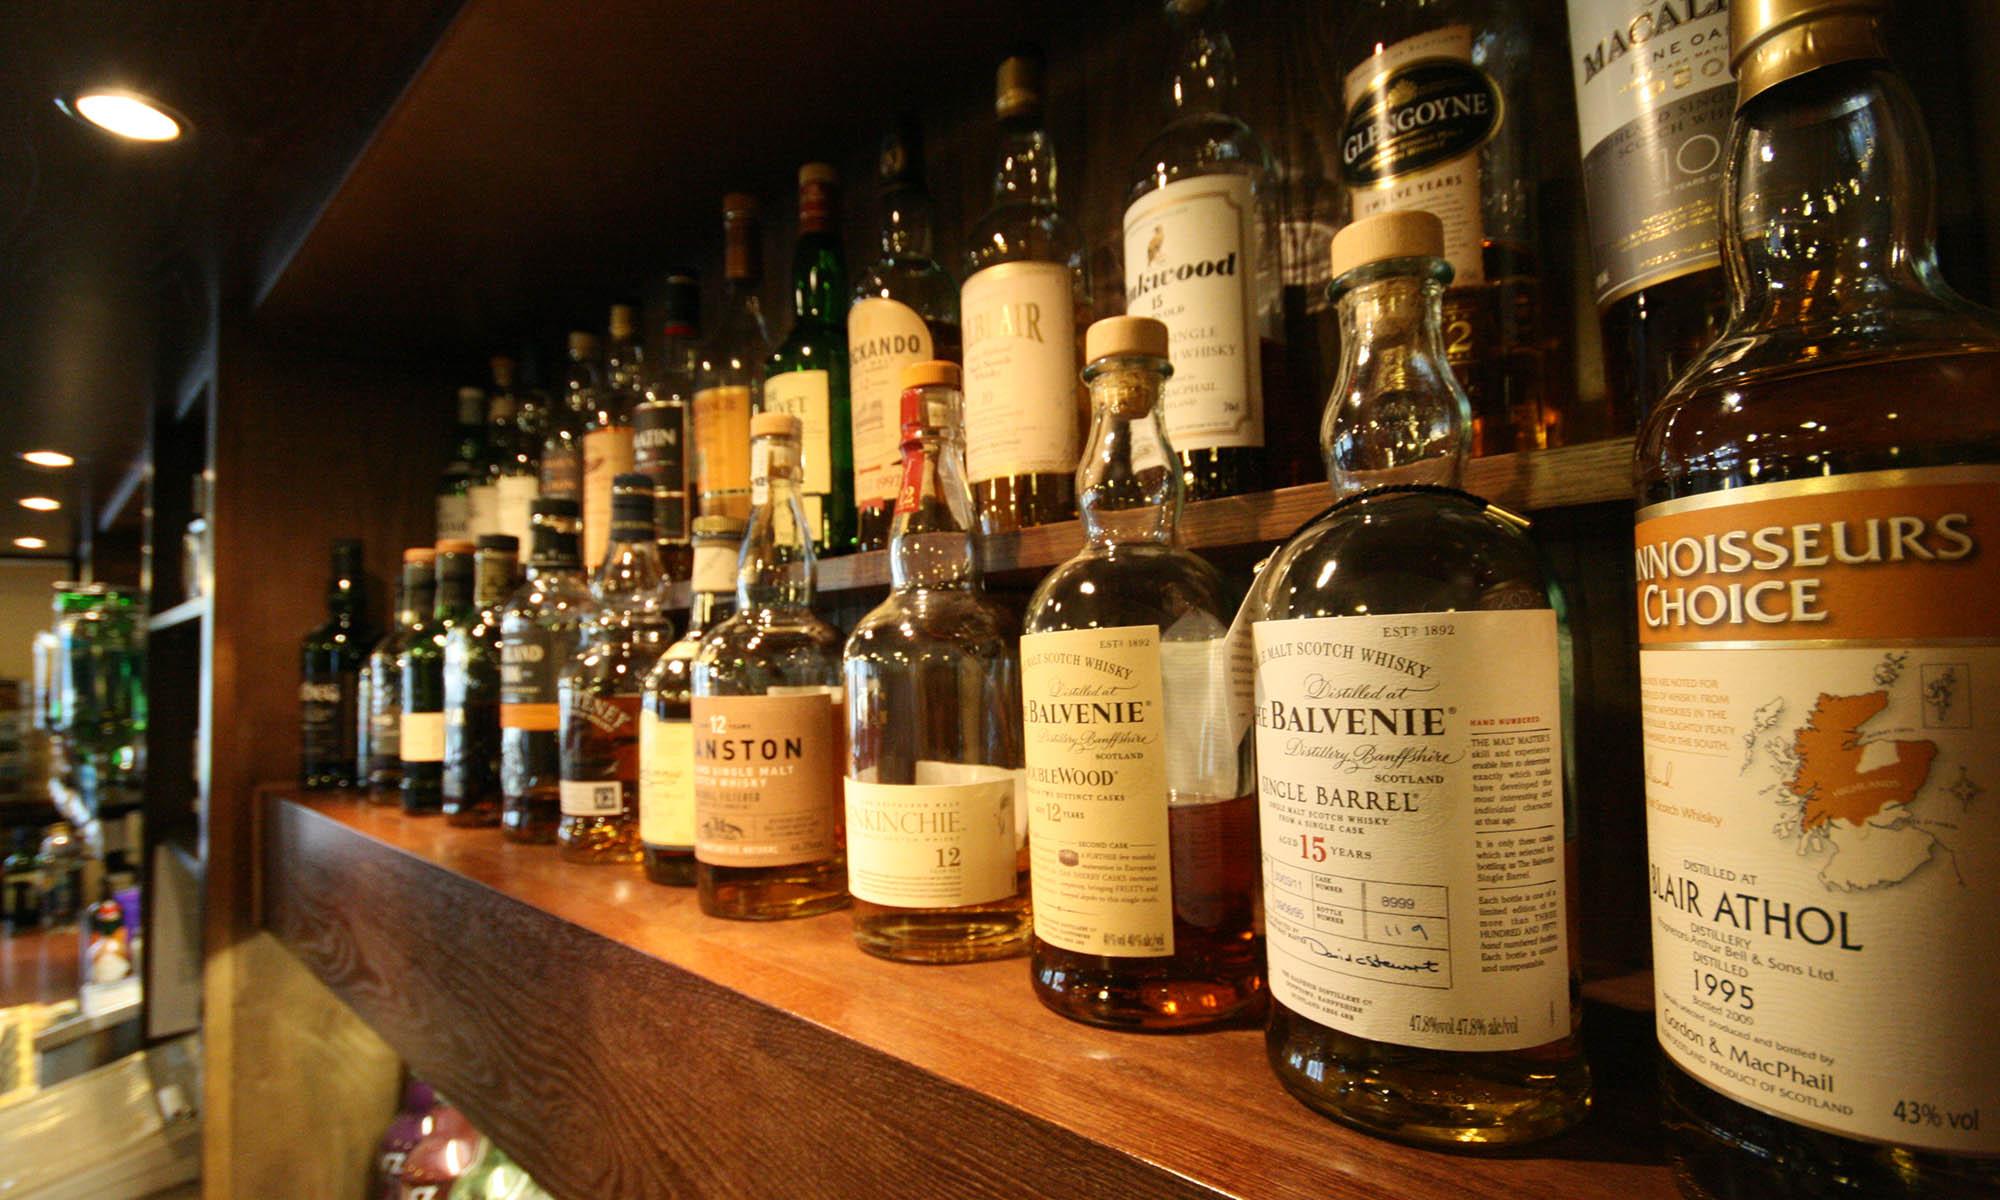 The Kintail Bar